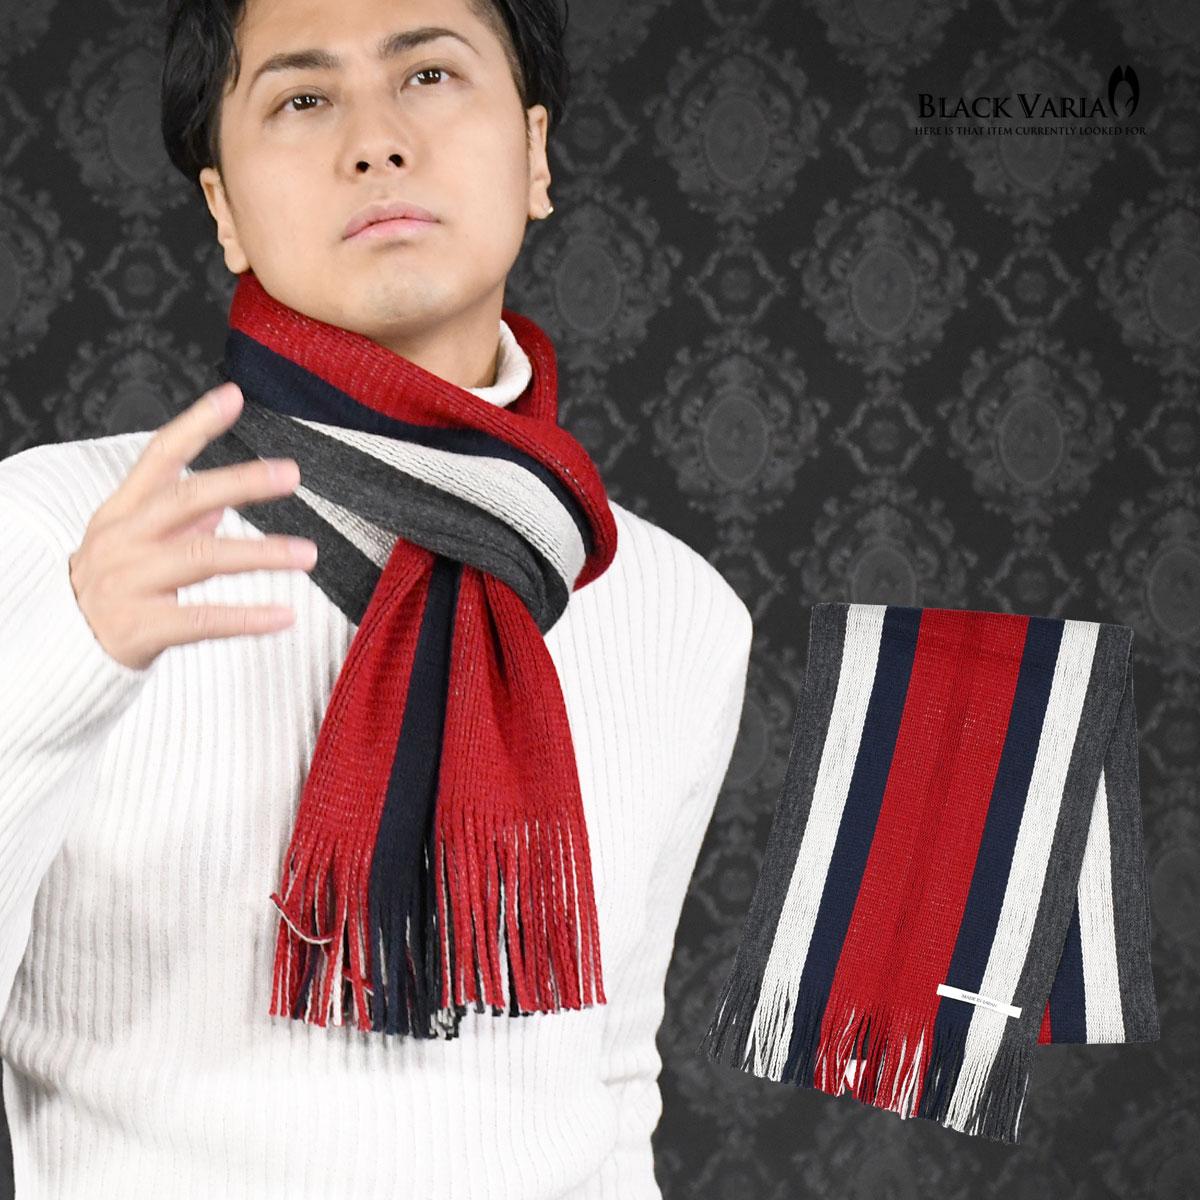 マフラー ストライプ メンズ ビジネス アクリル ニット リバーシブル 日本製 ストライプマフラー mens(ストライプ柄レッド赤ネイビー紺)